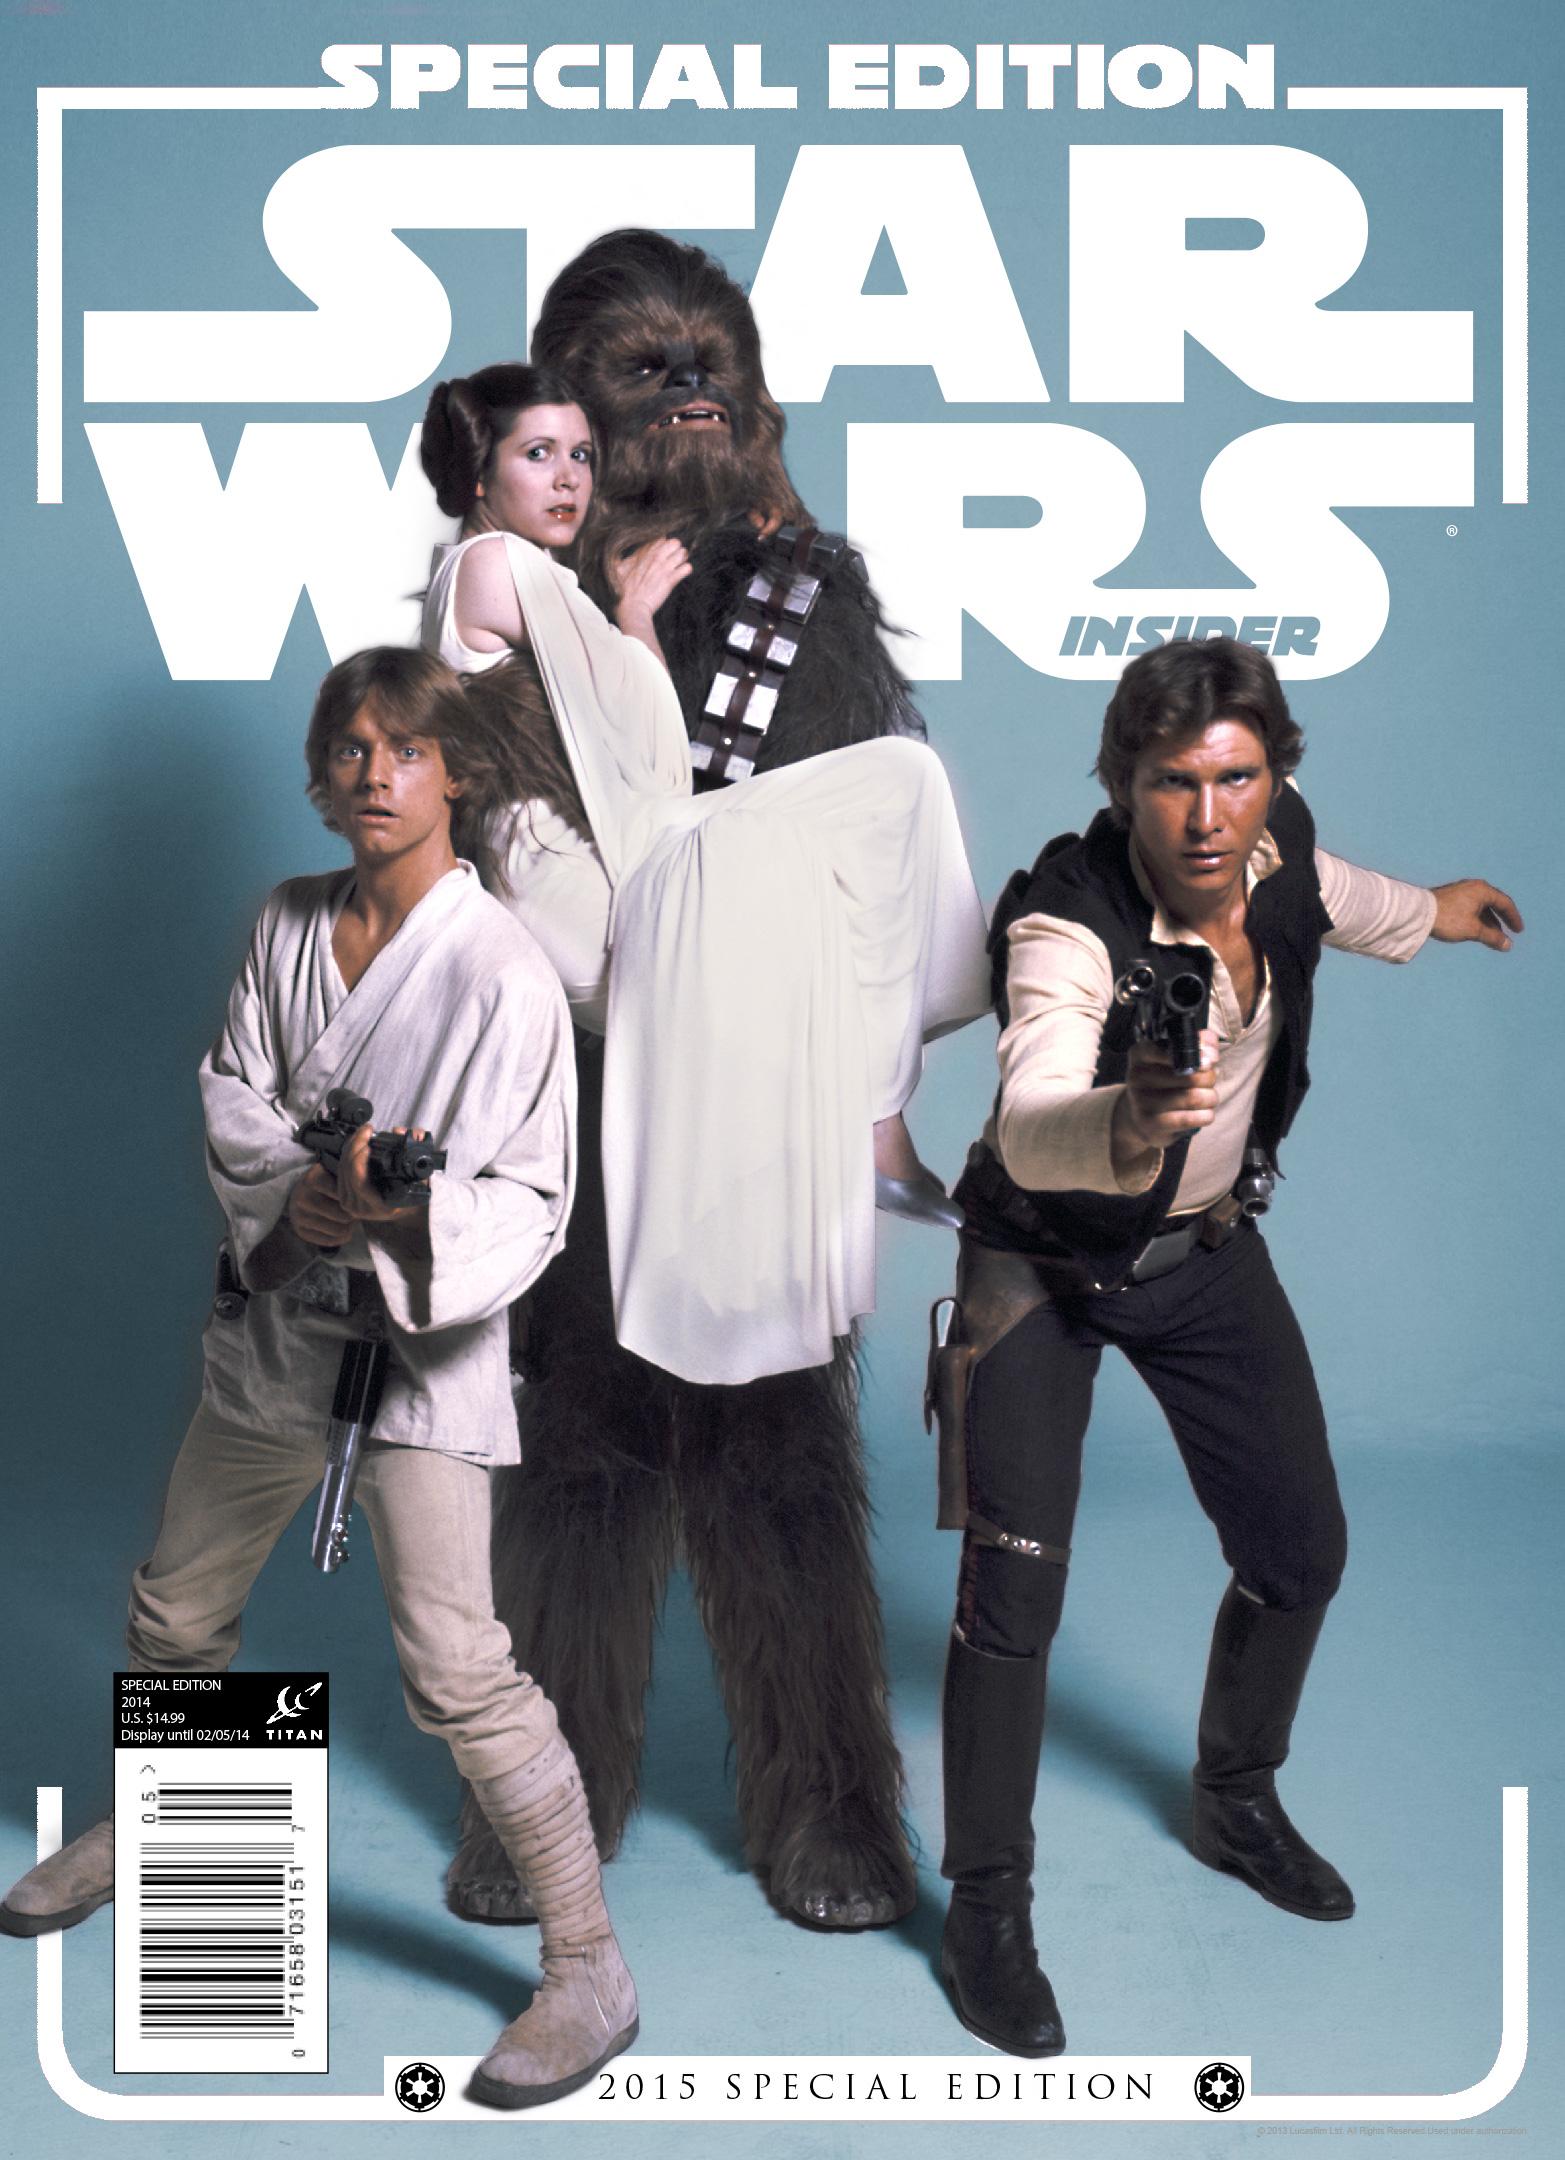 Star Wars Insider Special Edition 2015